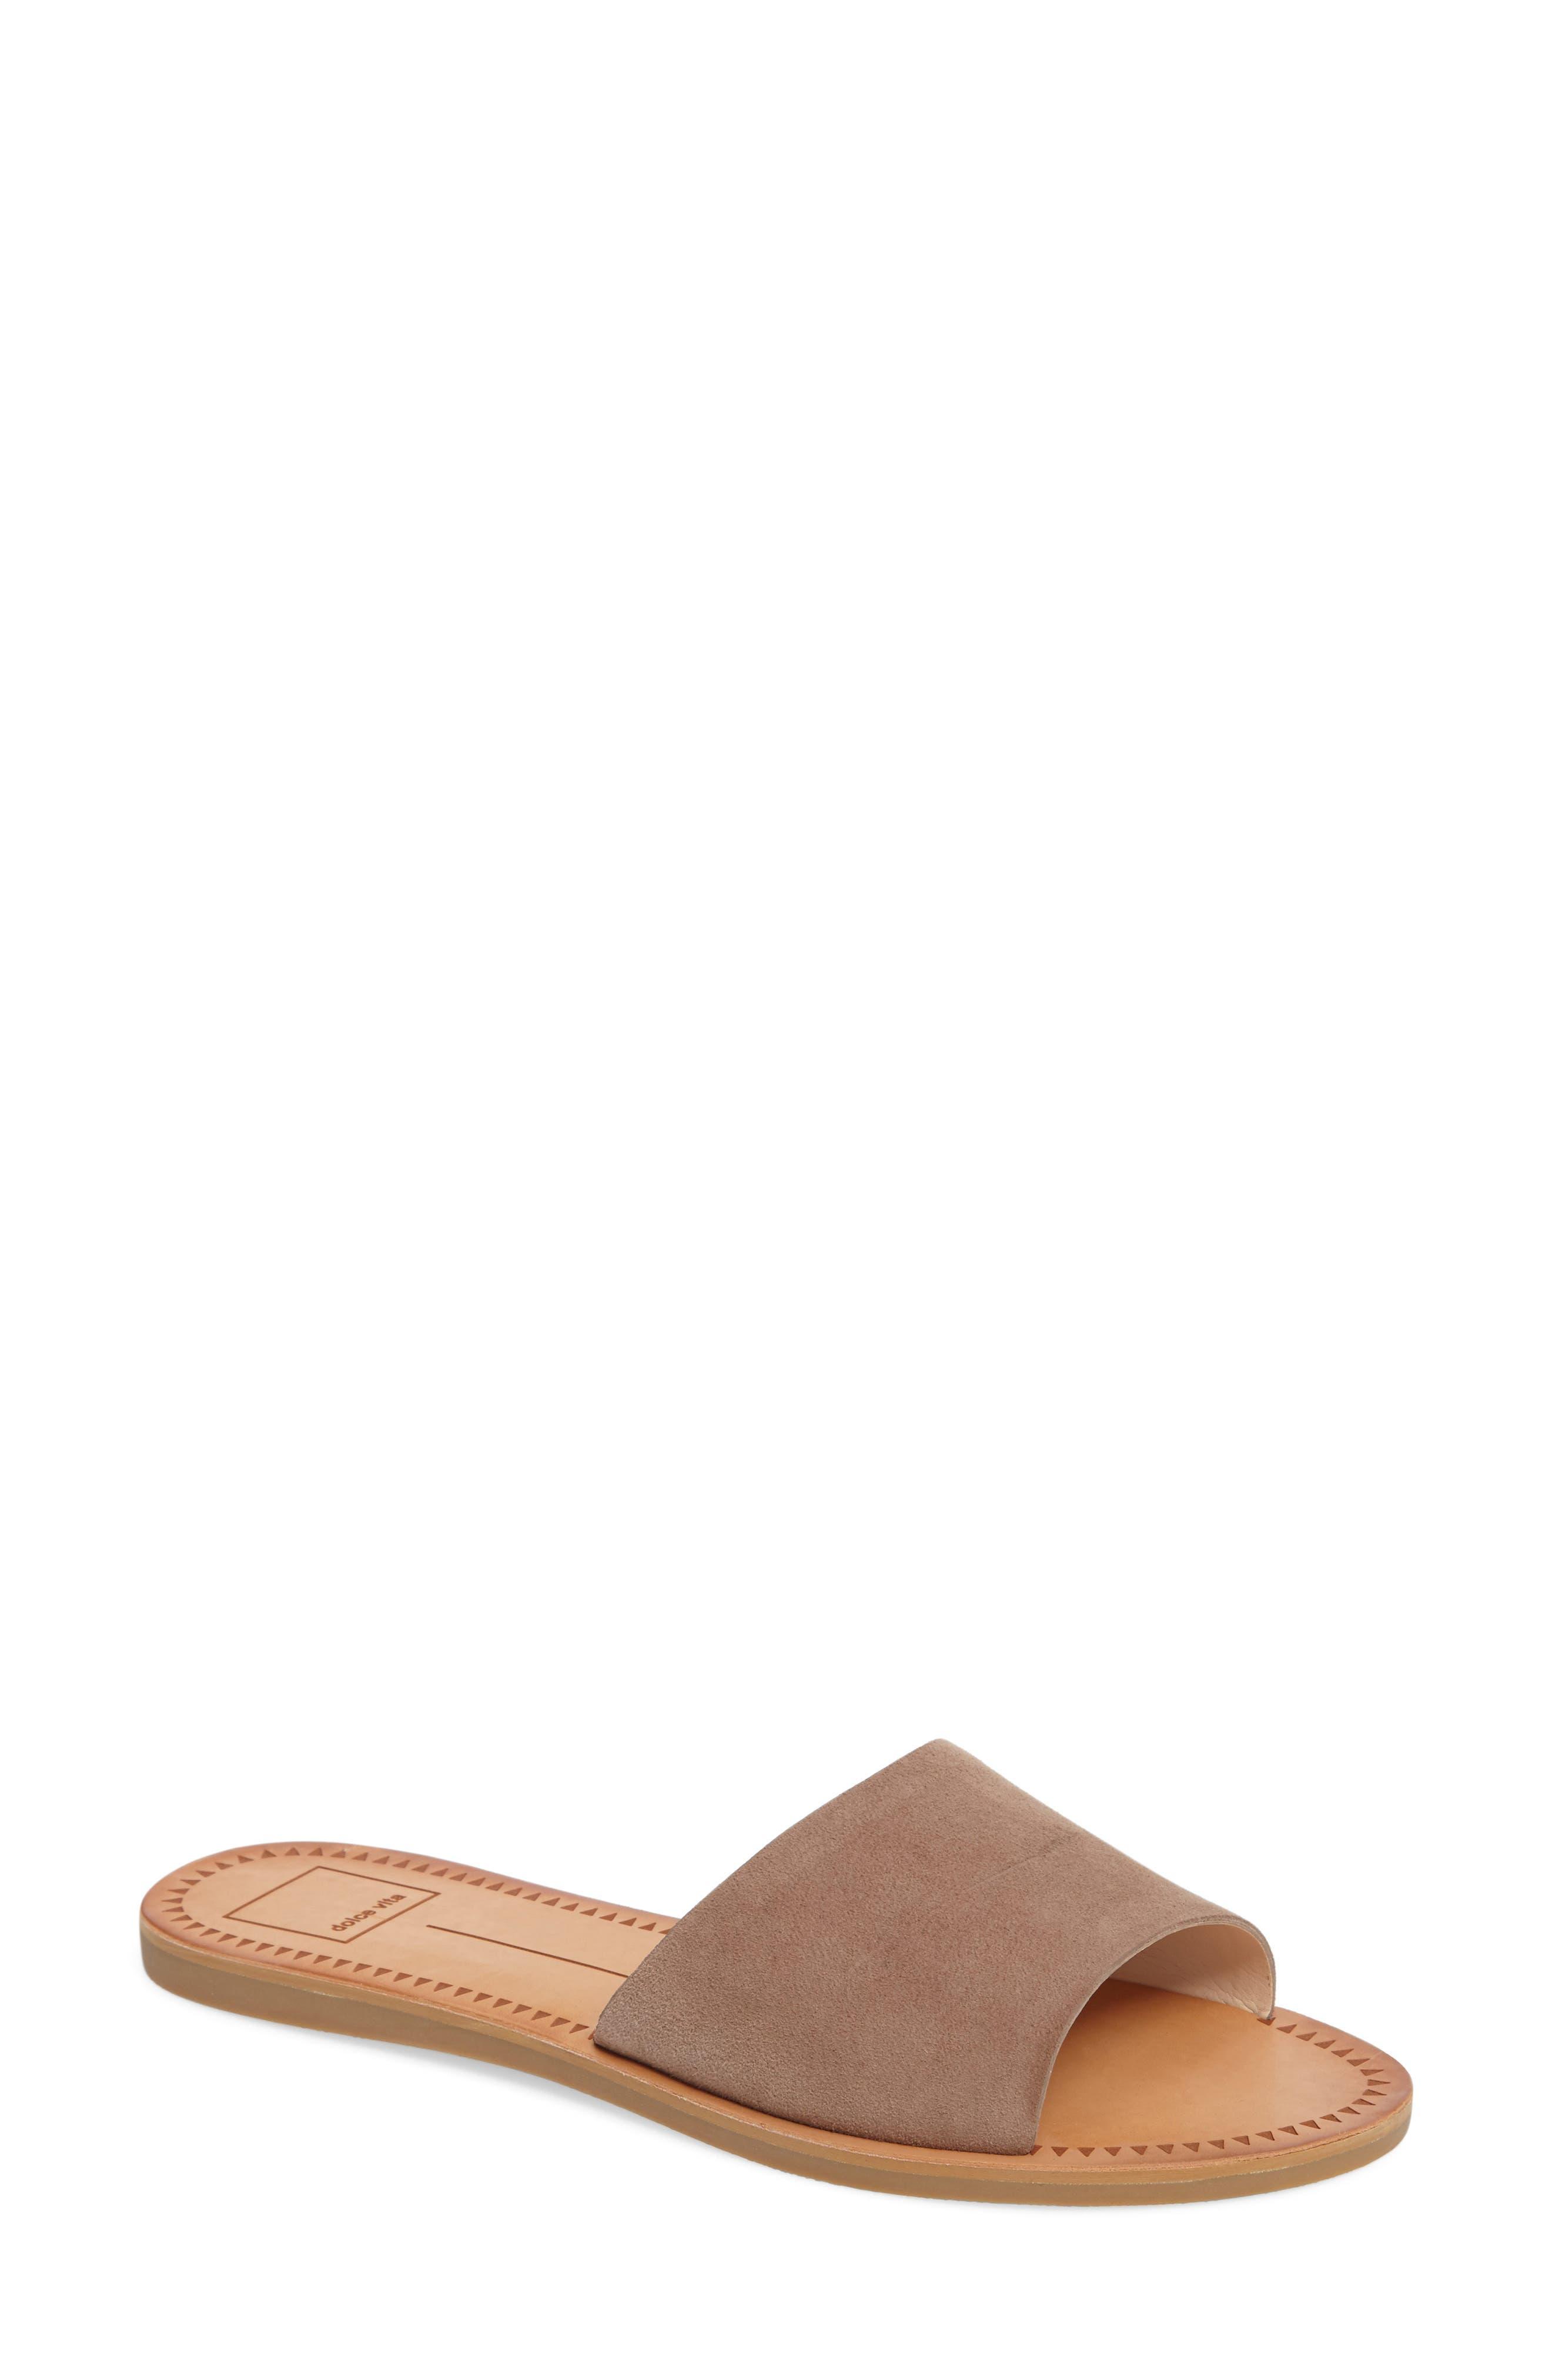 Main Image - Dolce Vita 'Javier' Slide Sandal (Women)